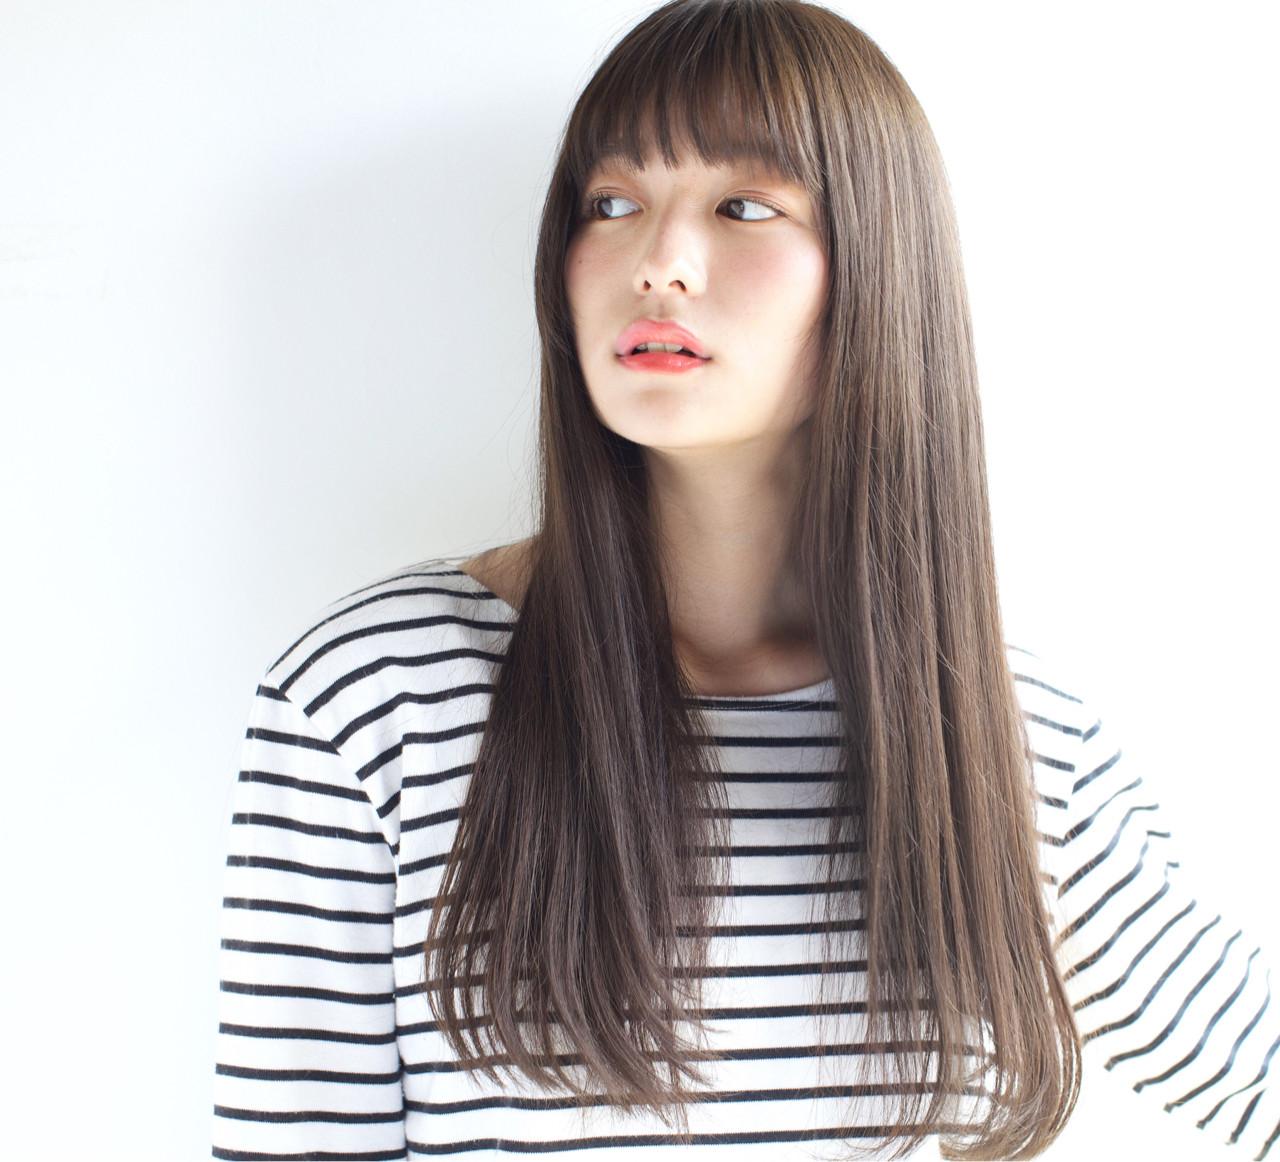 抜け感 ロング アンニュイ 簡単ヘアアレンジ ヘアスタイルや髪型の写真・画像